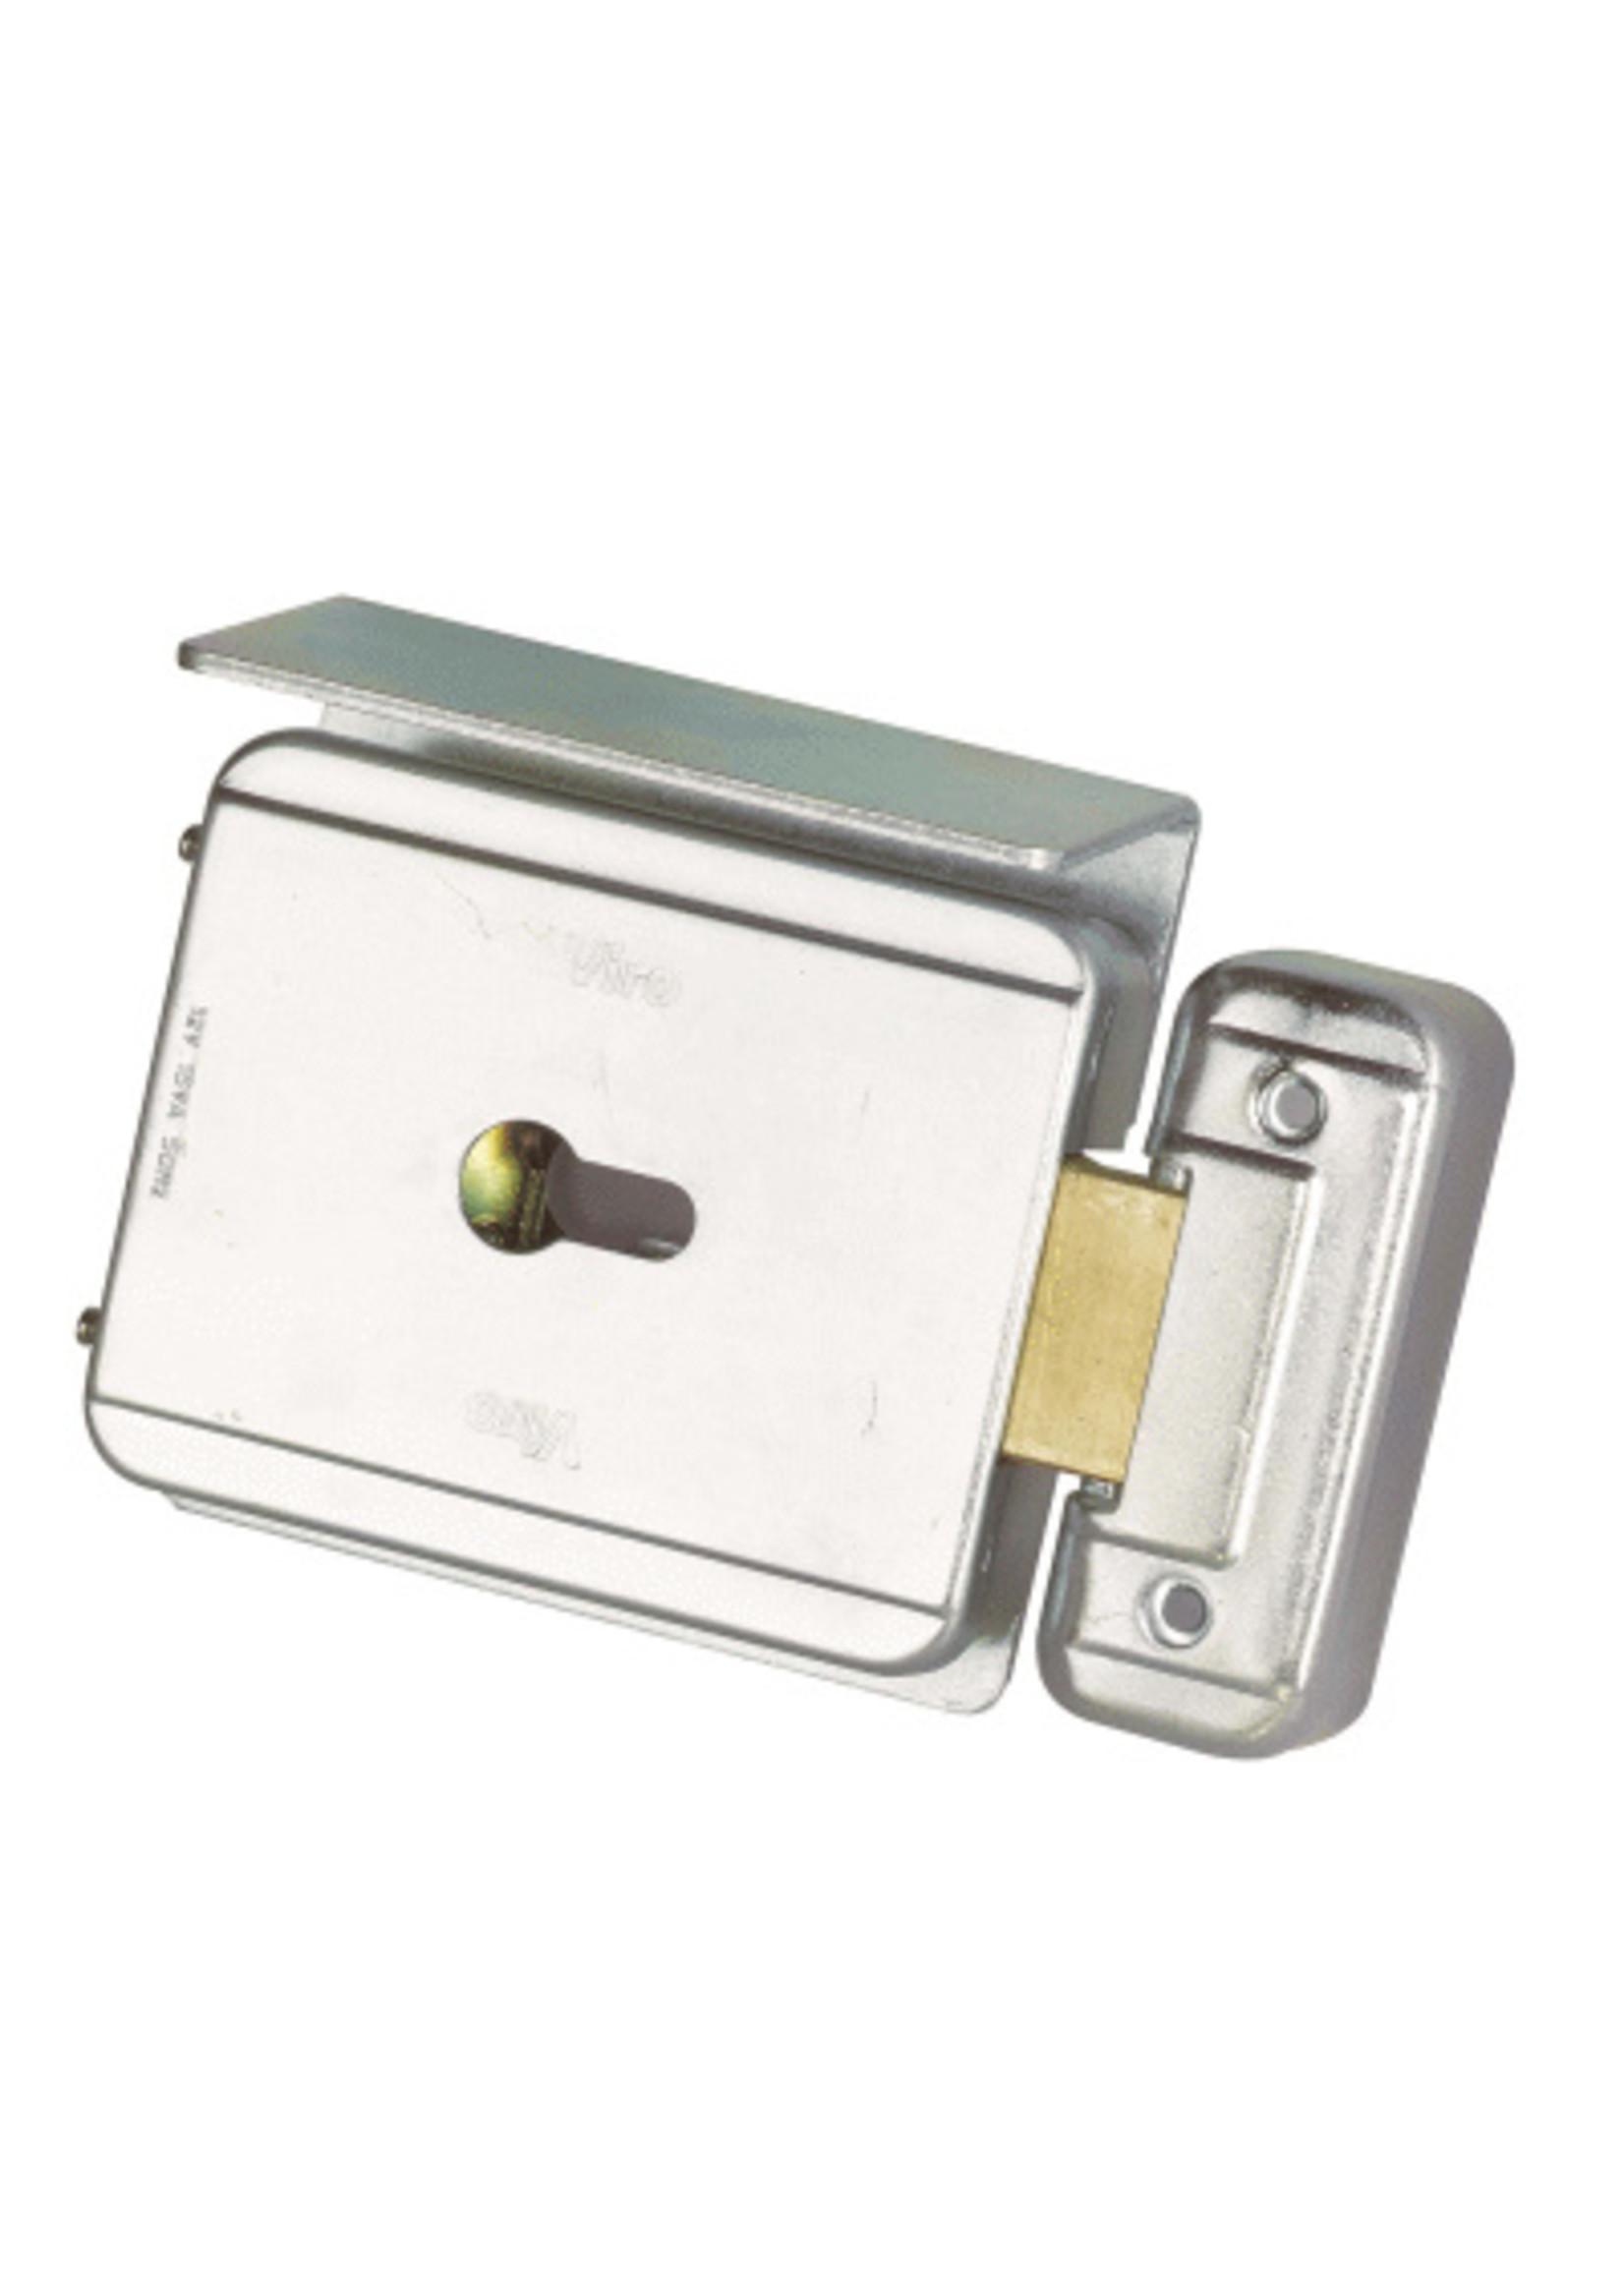 Liftmaster 600022 Elektrisch slot 24 Volt